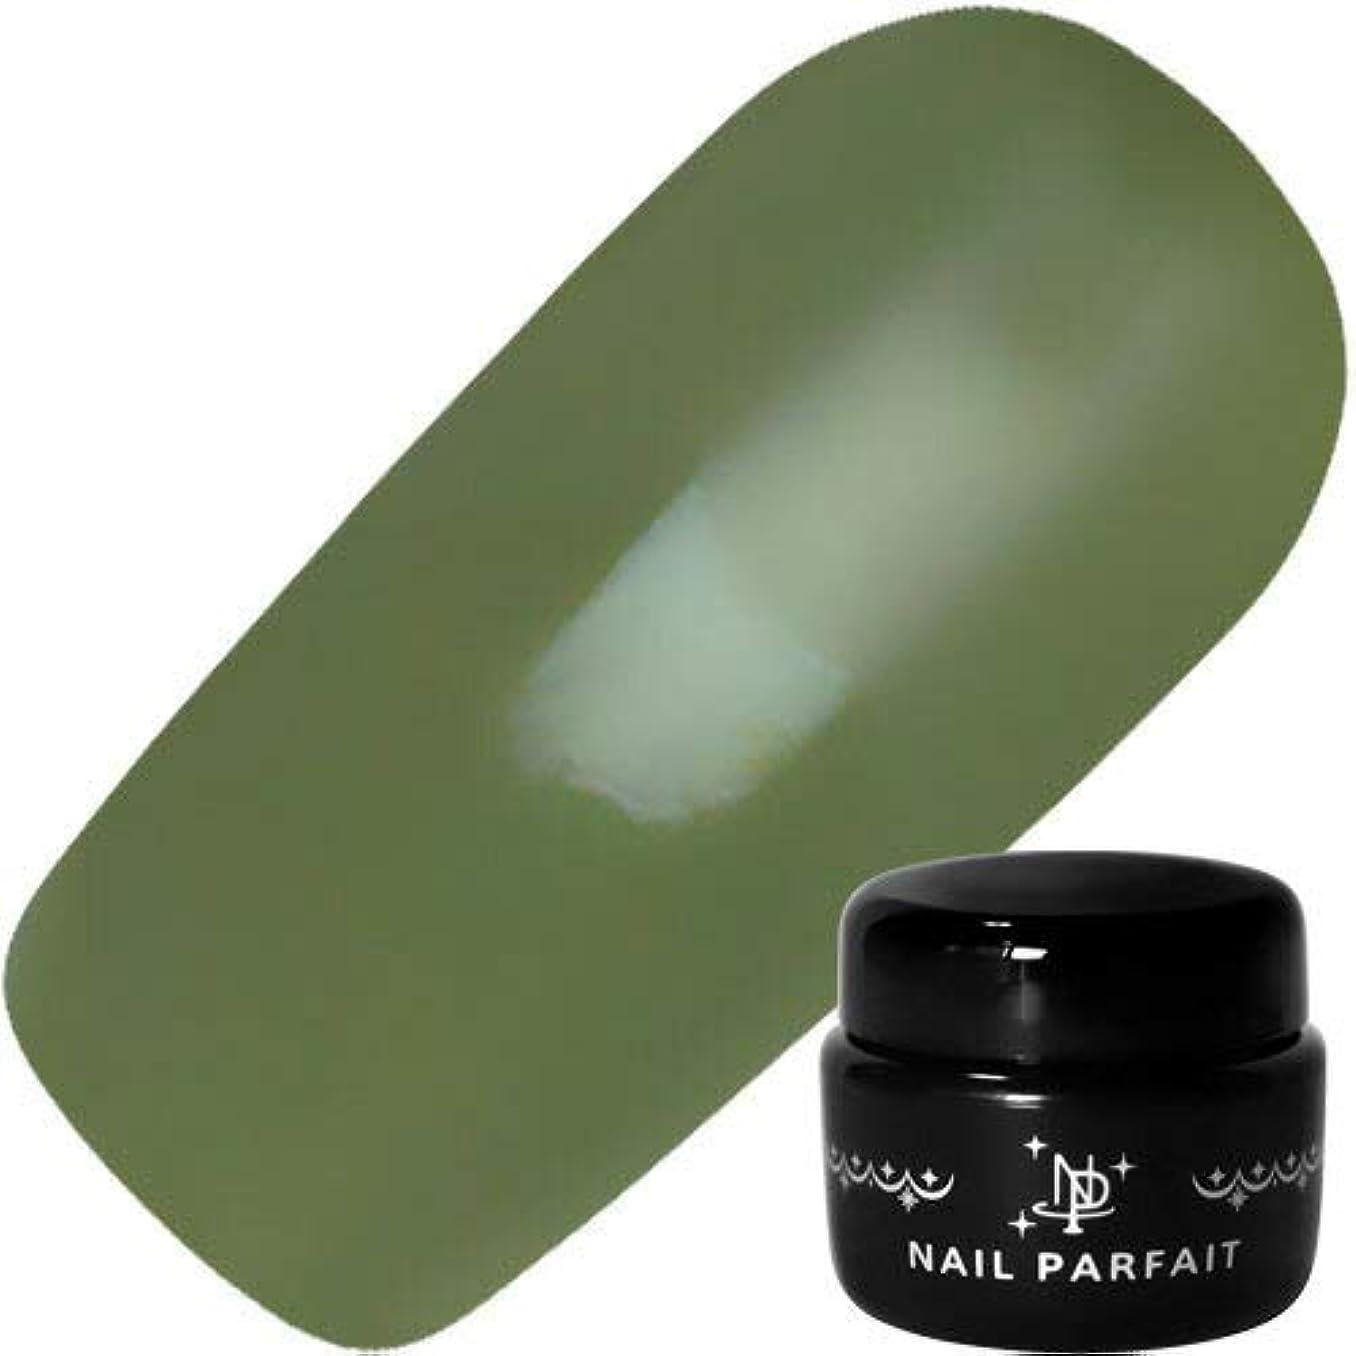 変成器香り所有者NAIL PARFAIT ネイルパフェ カラージェル A45抹茶 2g 【ジェル/カラージェル?ネイル用品】